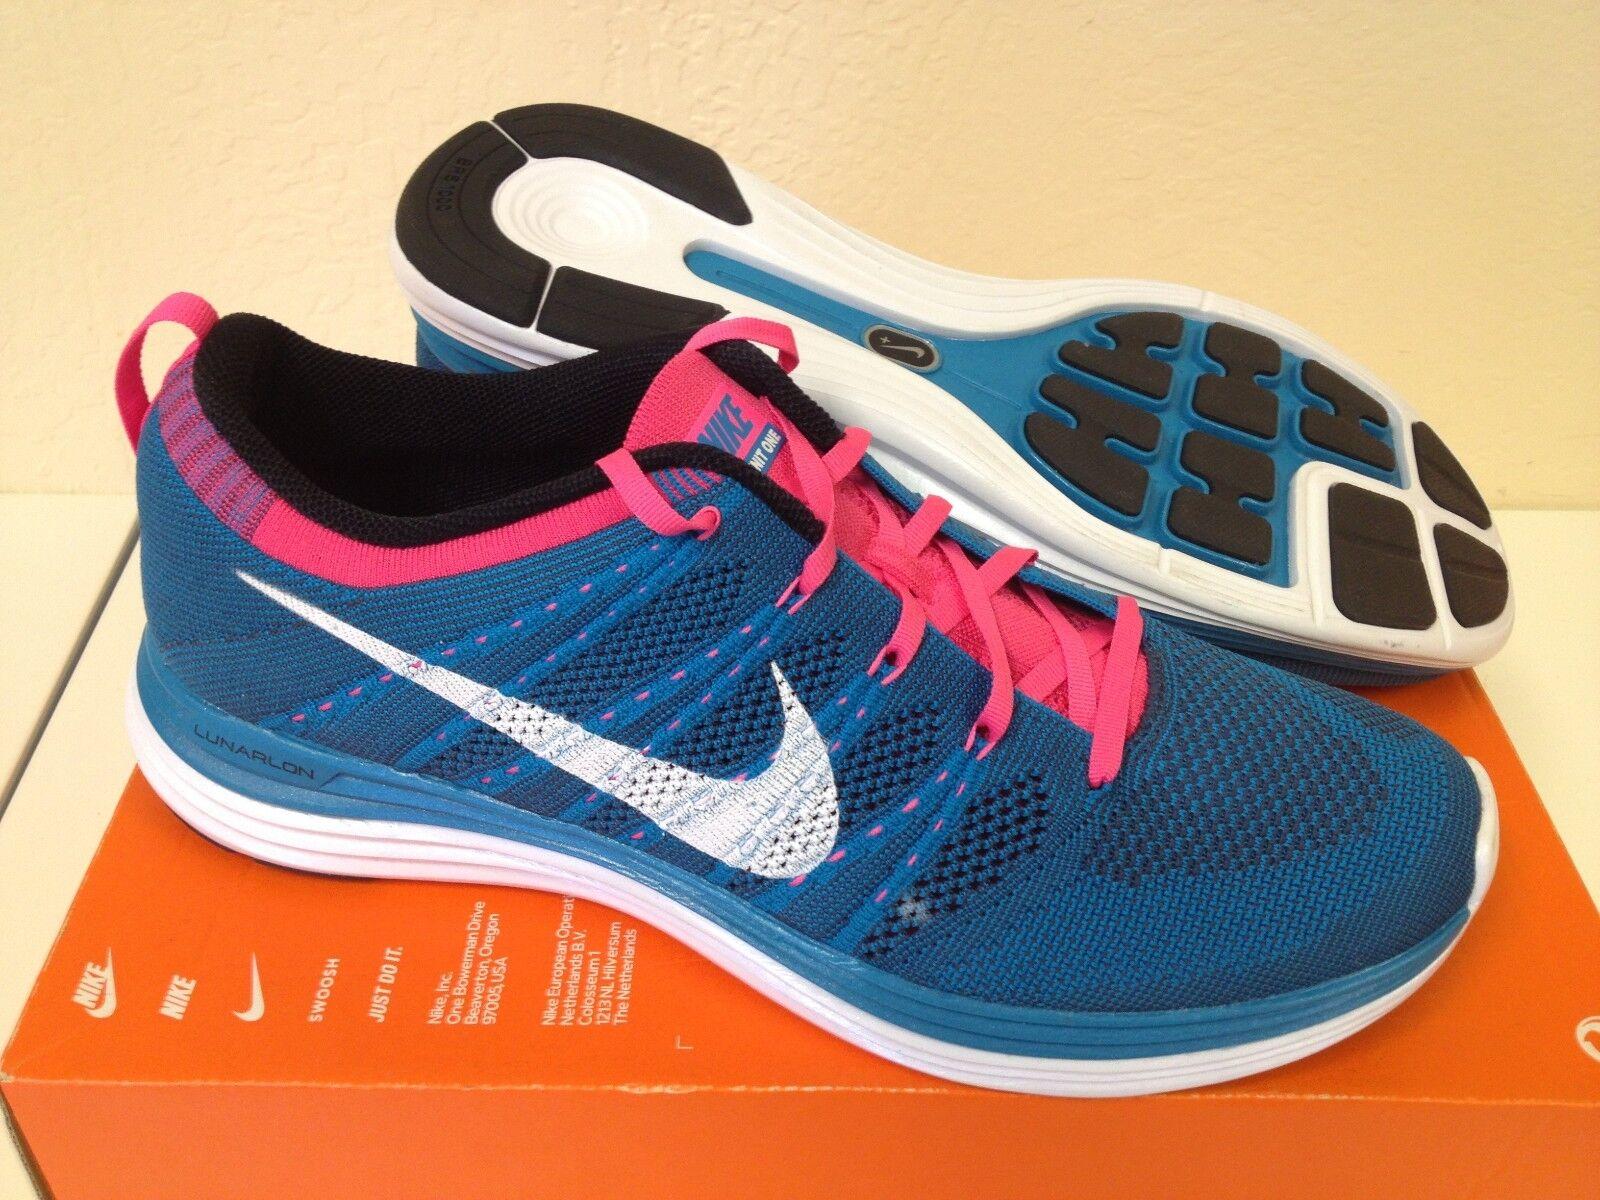 Nike Flyknit One+ (554887 414) size 12.5, Retro, Jordan, Cross Training, Running